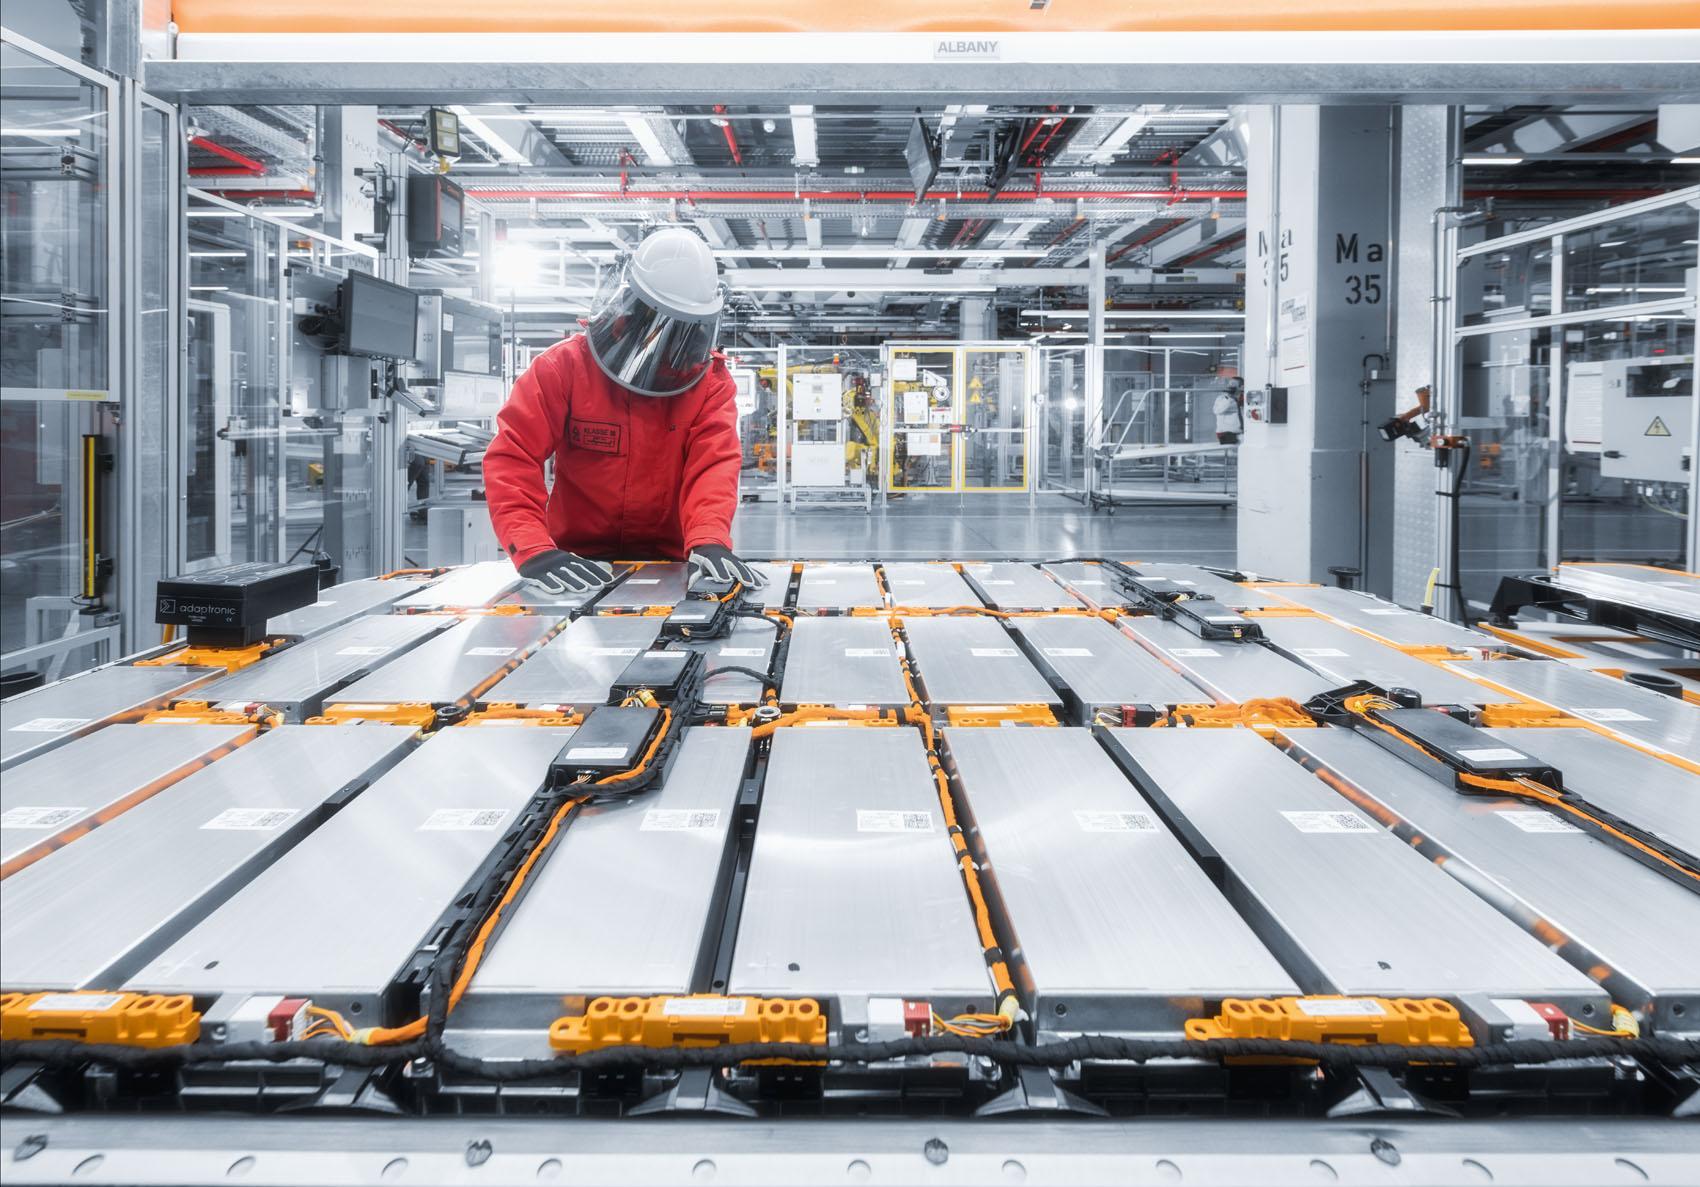 Attenzione alta tensione: Indumenti di sicurezza proteggono gli addetti che svolgono lavori a contatto con elementi ad alto voltaggio. (Stefan Warter)